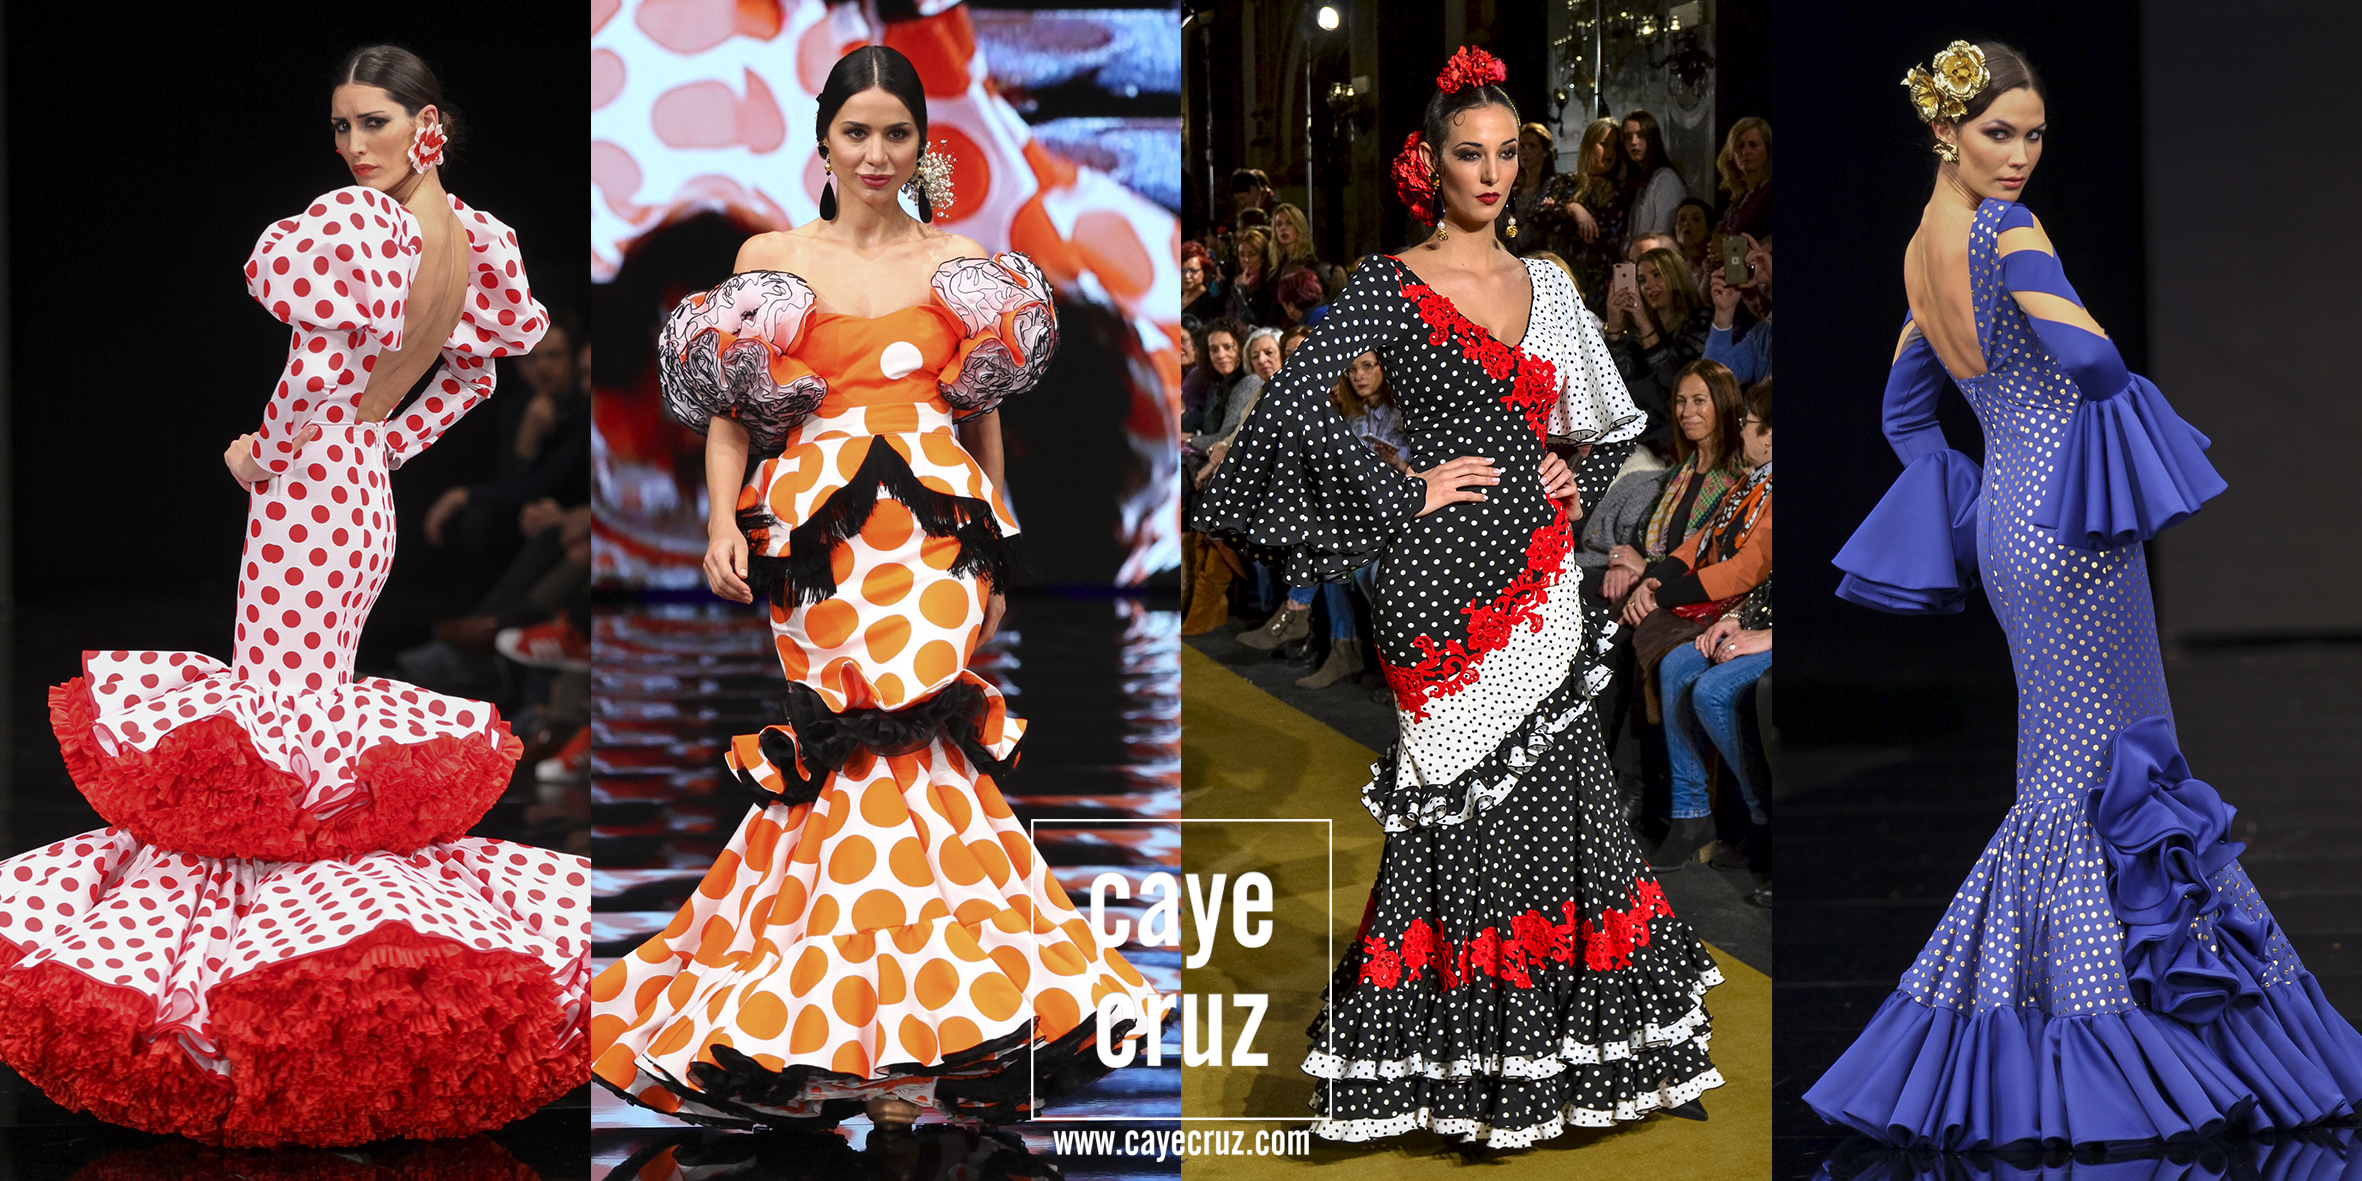 Moda Flamenca para la Feria 2017: Lunares